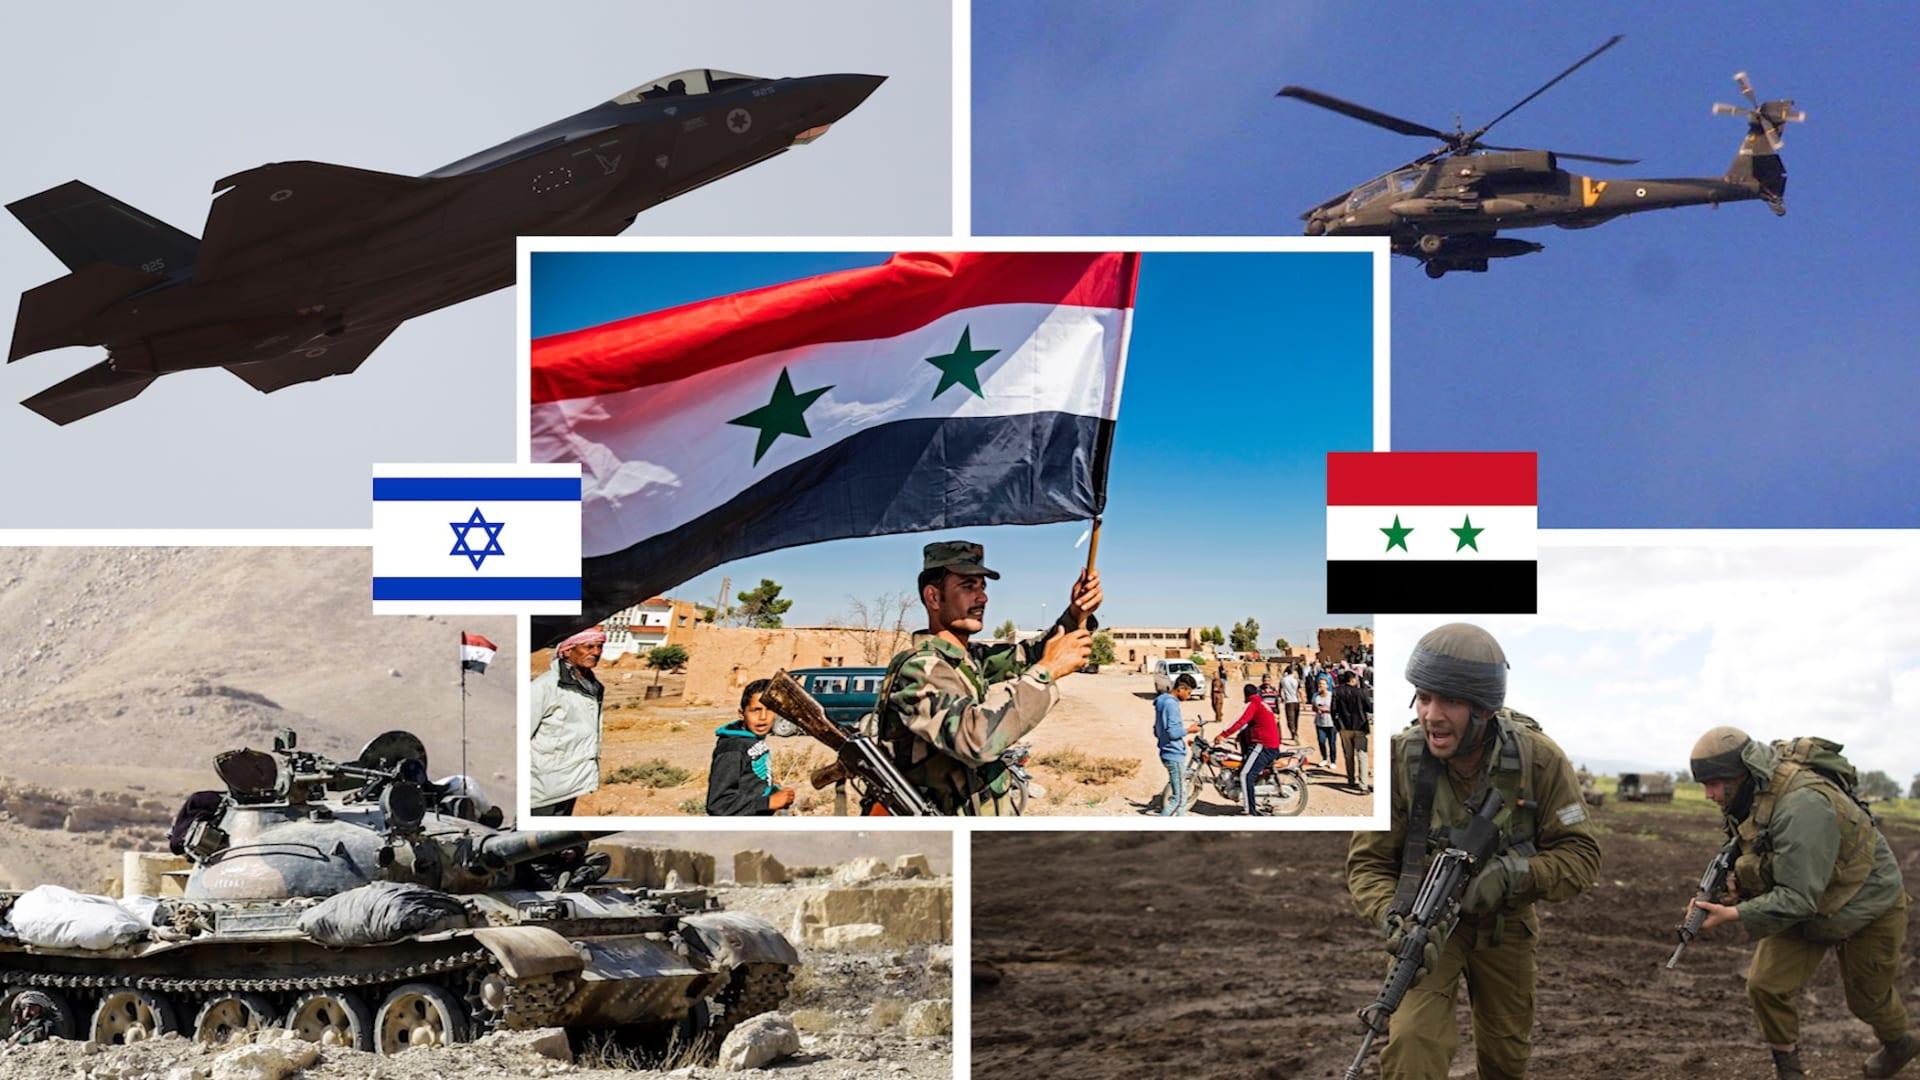 مقارنة بين الجيش السوري ونظيره الإسرائيلي وفق إحصائية 2021